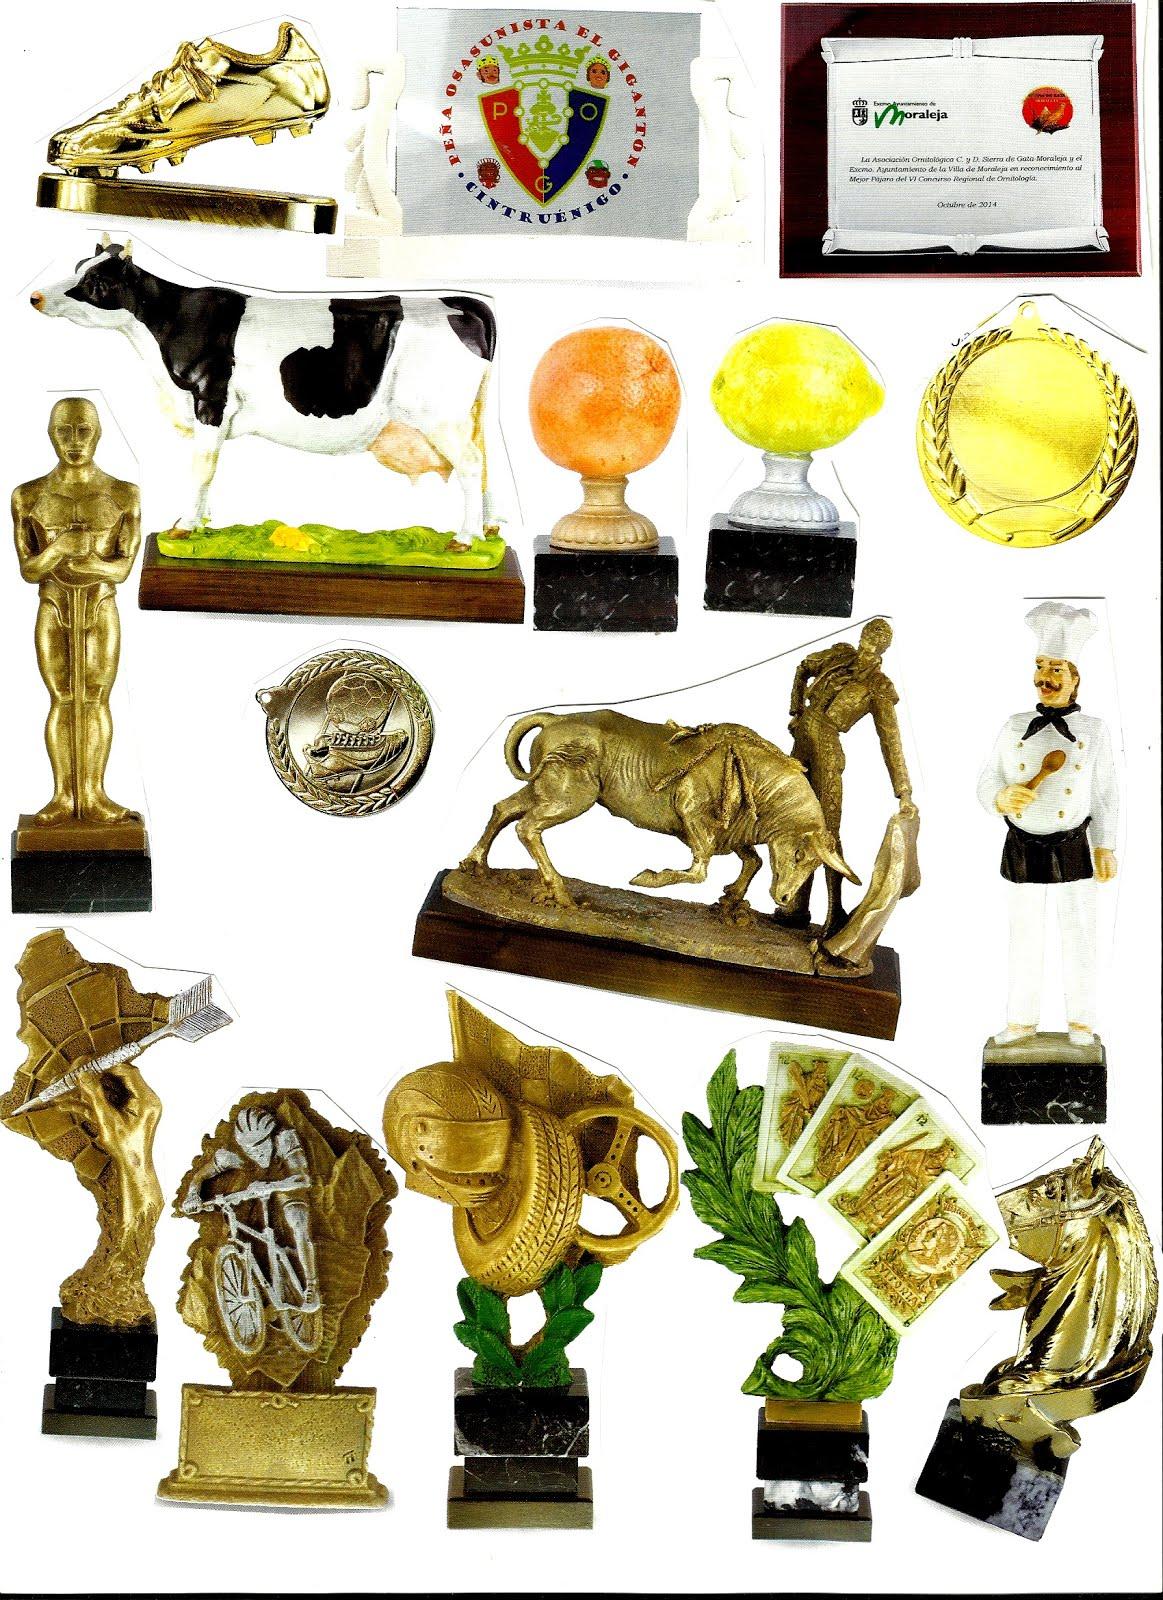 Trofeos deportivos, placas homenajes, medallas